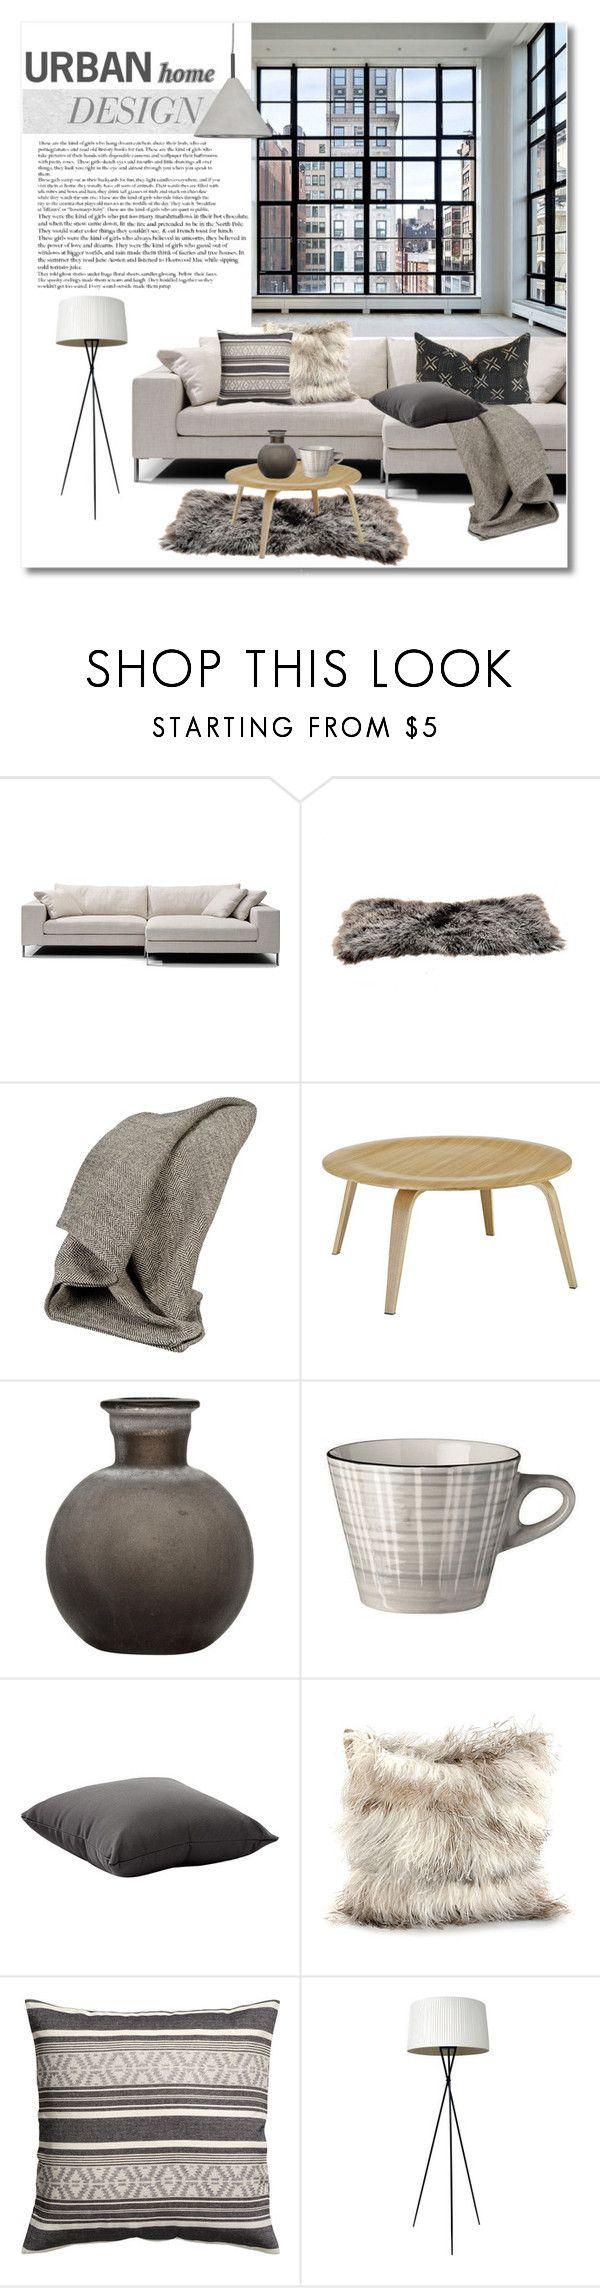 31 besten Scapa home Bilder auf Pinterest | Wohnzimmer, Design set ...